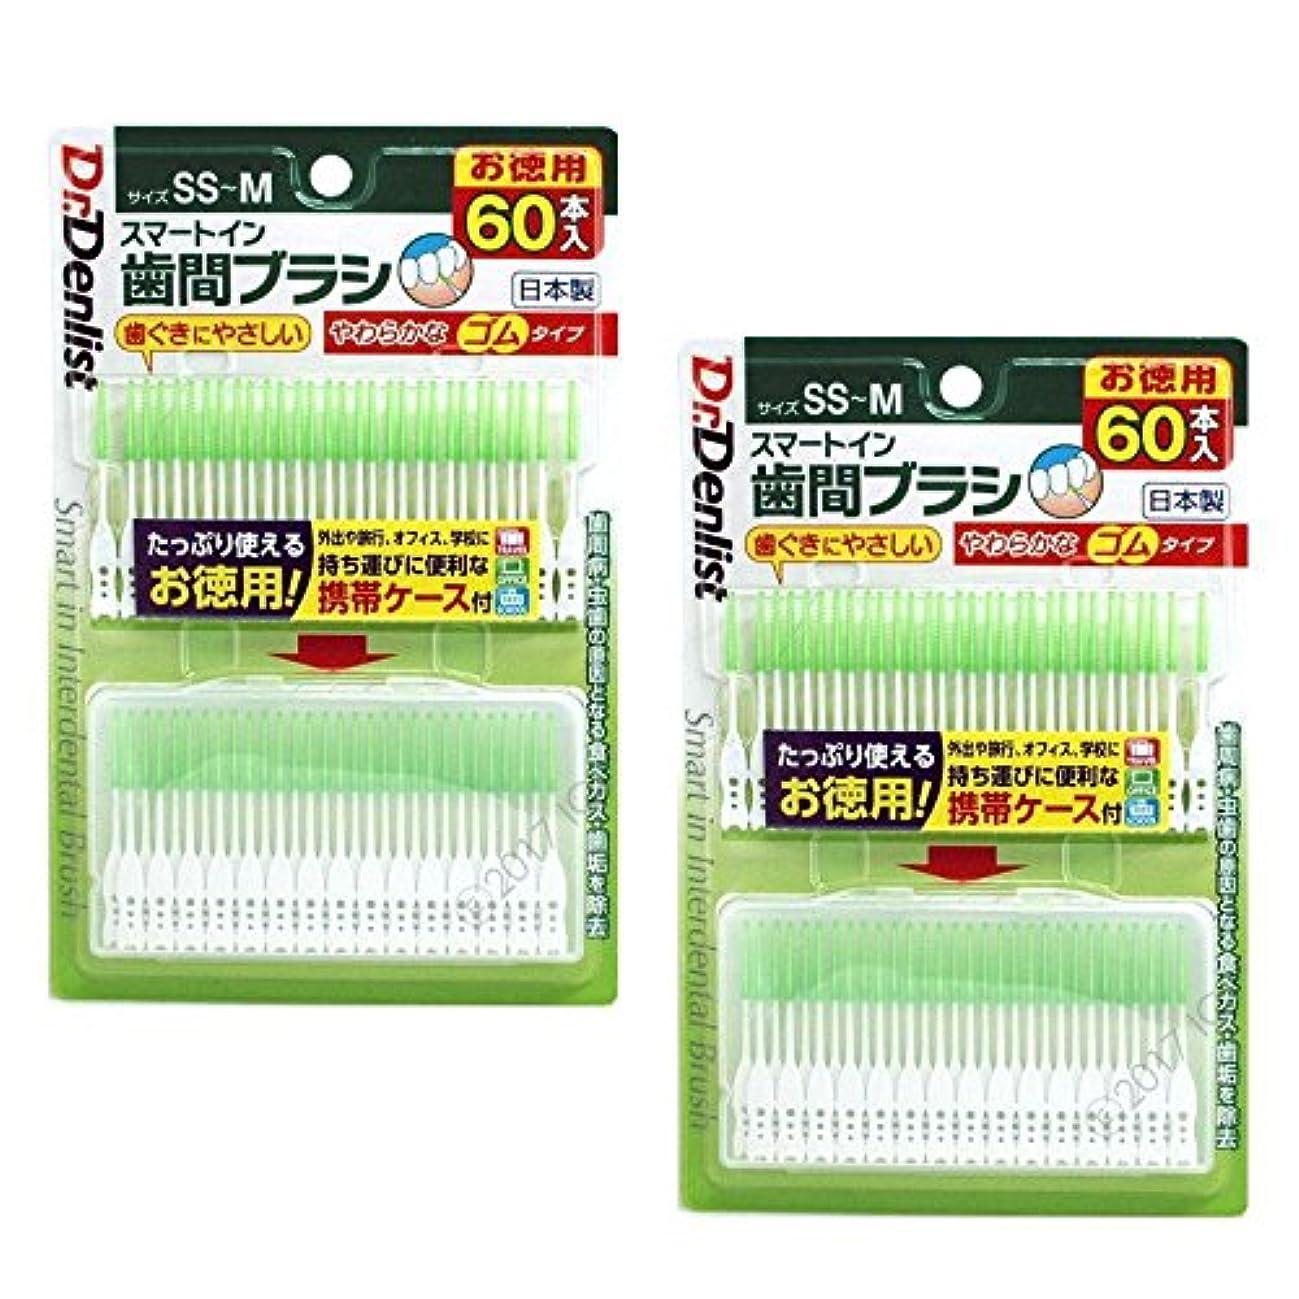 ディレクター夜間同種の歯間ブラシ スマートイン 60本×2個(計120本) お徳用 やわらかなゴムタイプ